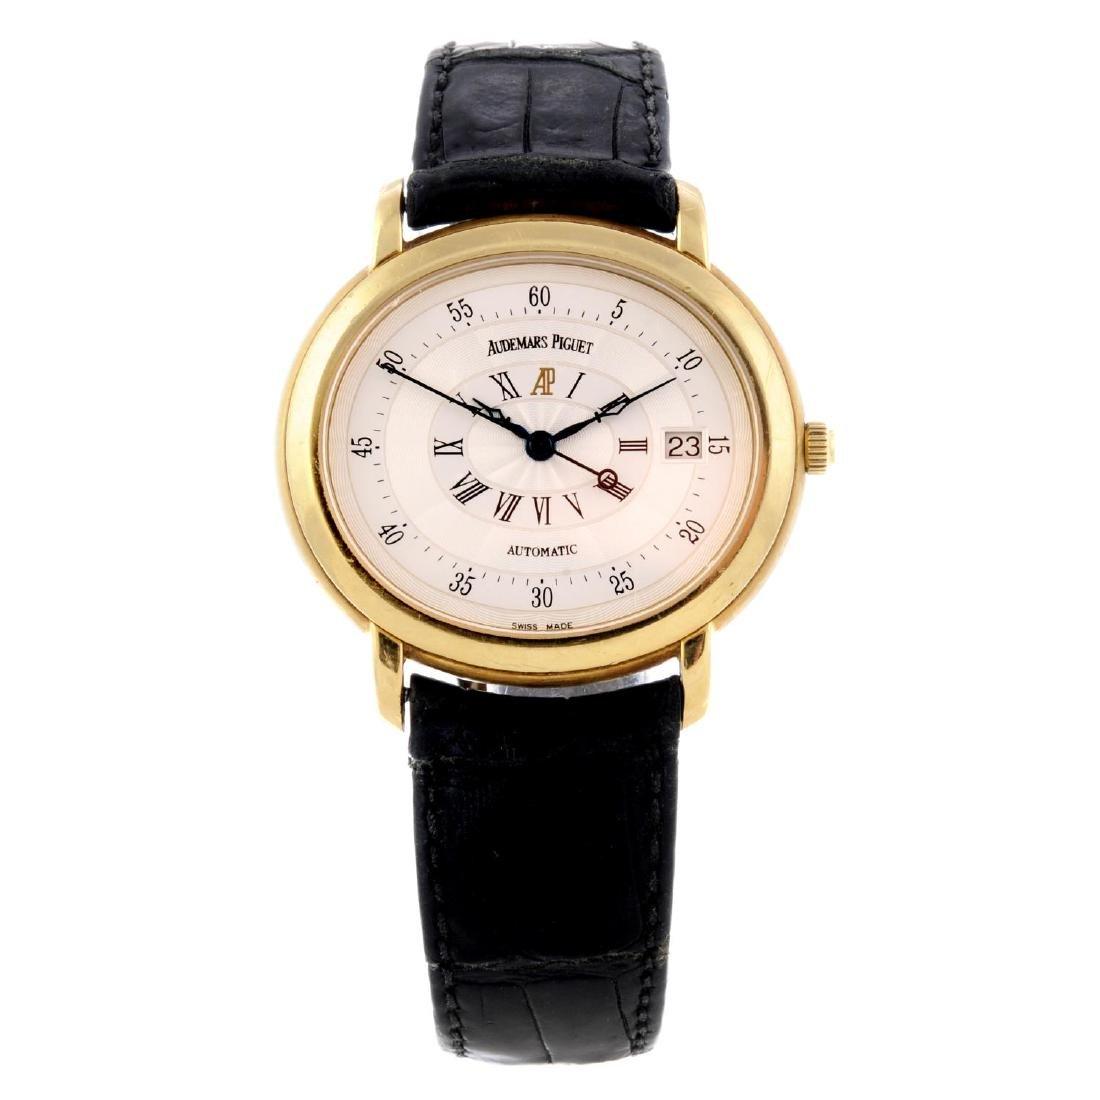 AUDEMARS PIGUET - a gentleman's Millenary wrist watch.